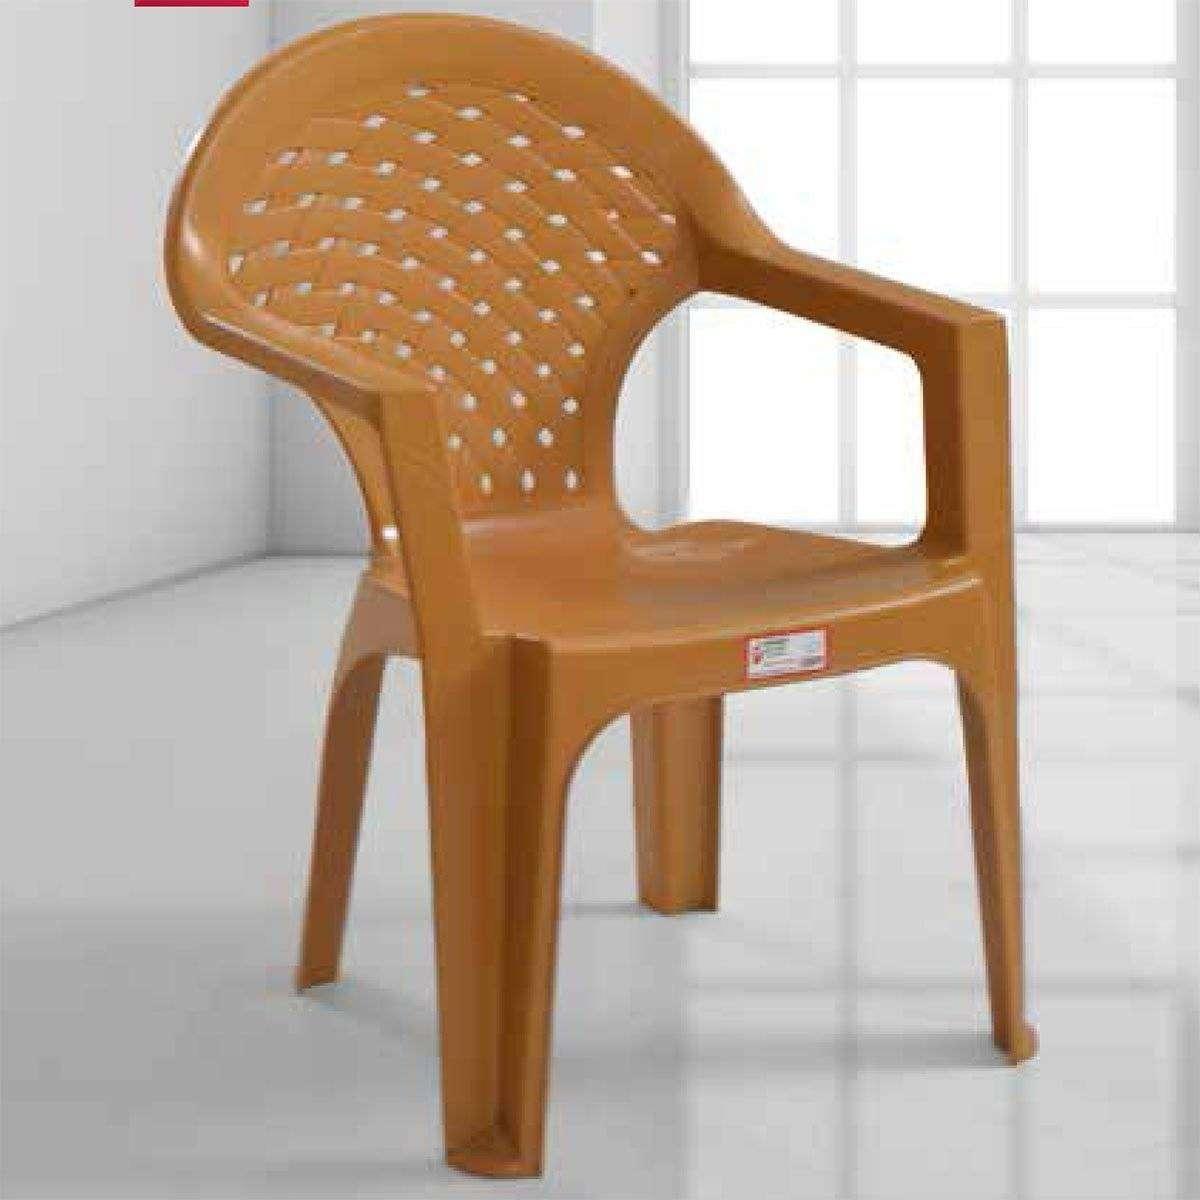 Kollu Plastik Bahçe Sandalyesi-4 Adet